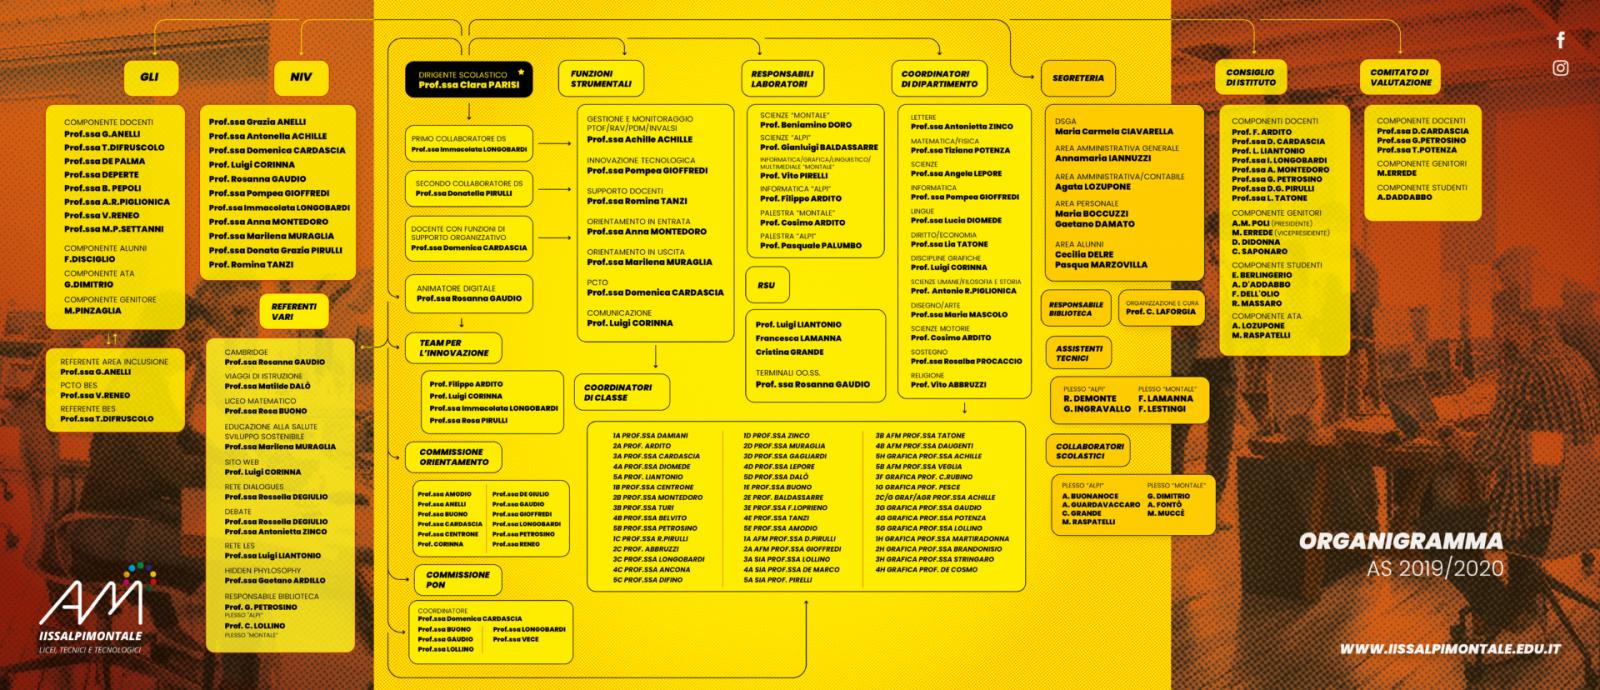 ORGANIGRAMMA IISS ALPI-MONTALE AS 2019/2020